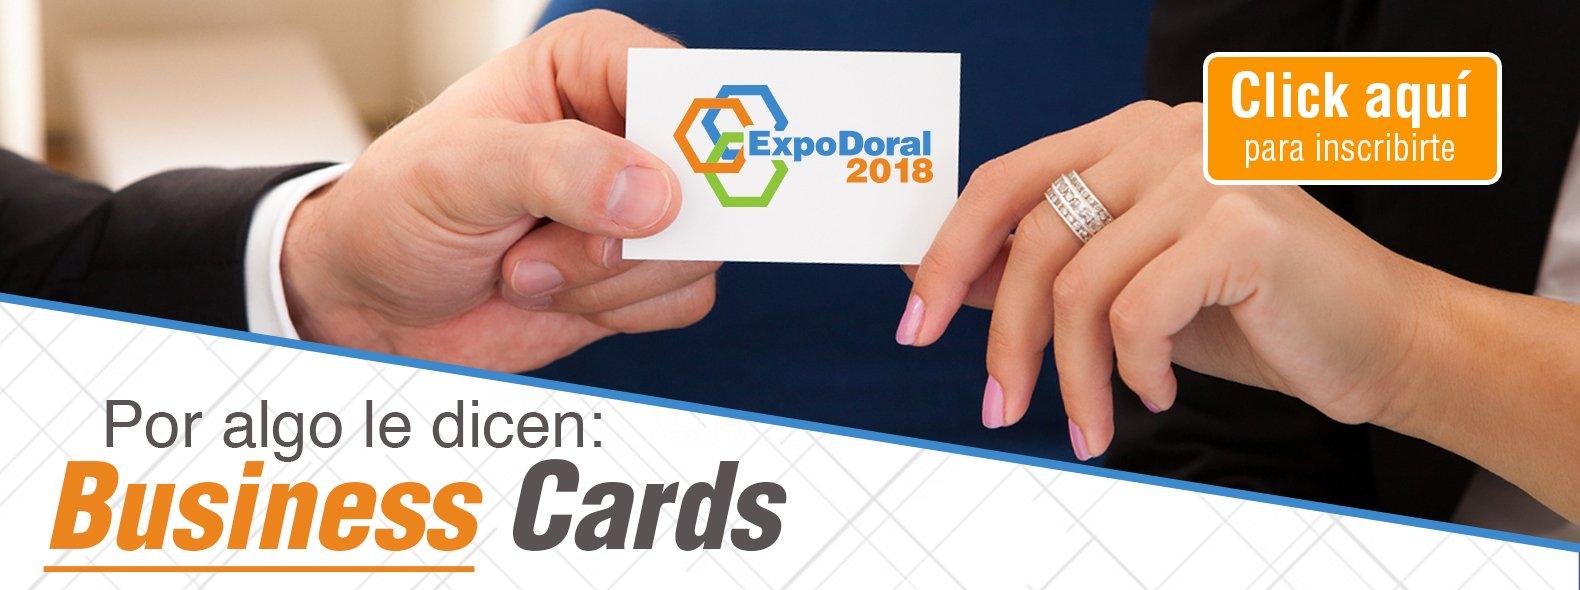 Expo Doral 2018